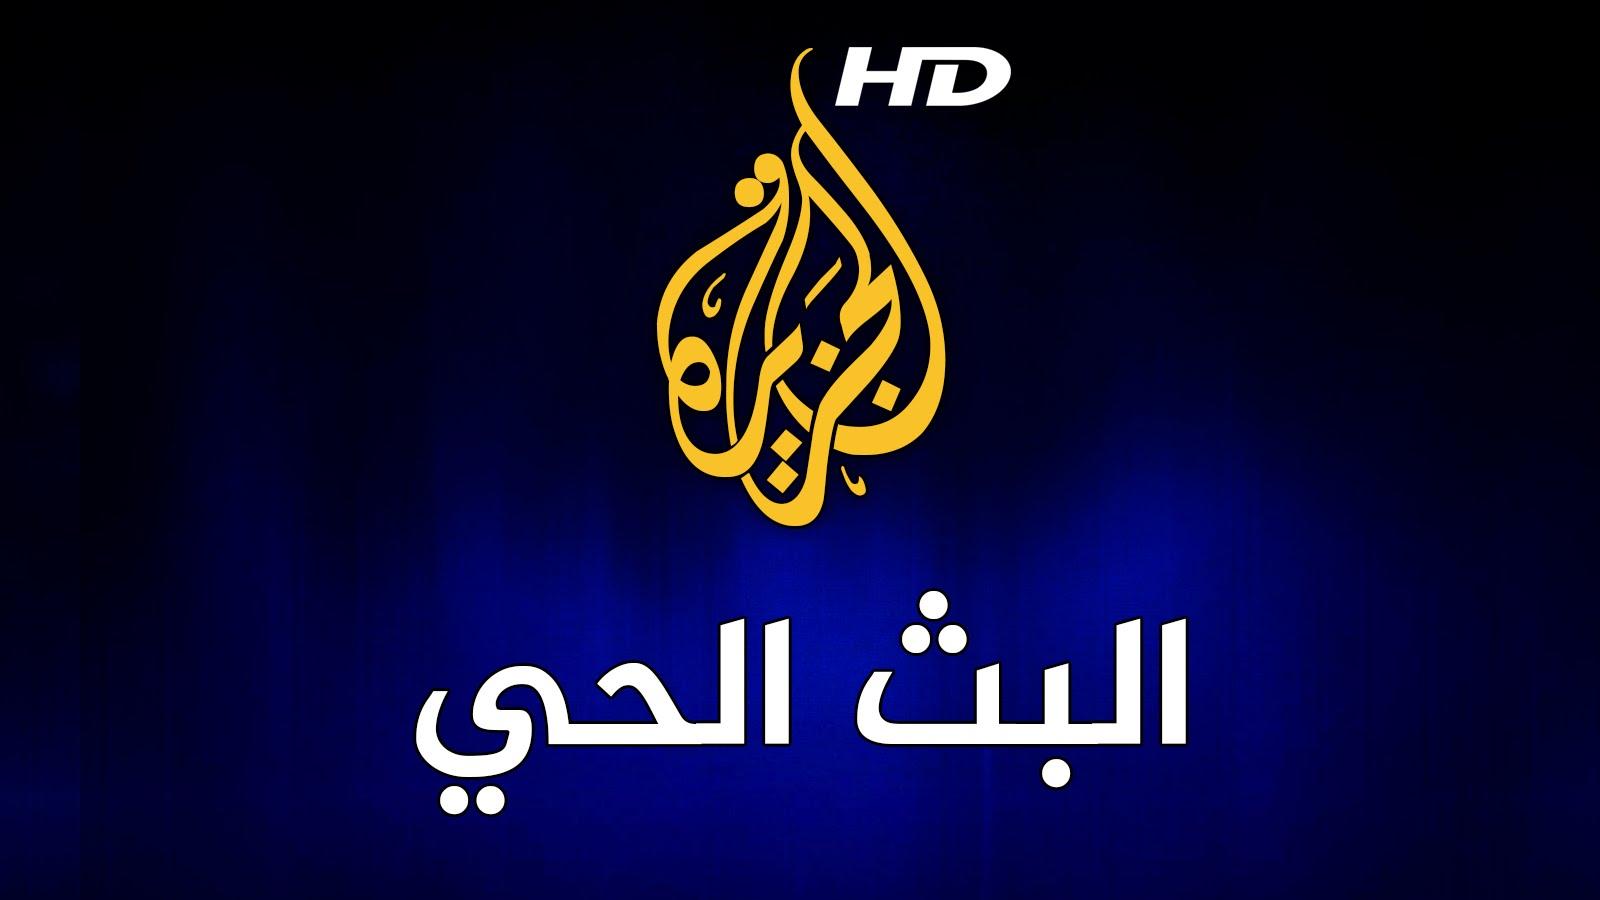 قناة الجزيرة الإخبارية مباشرة على الهواء